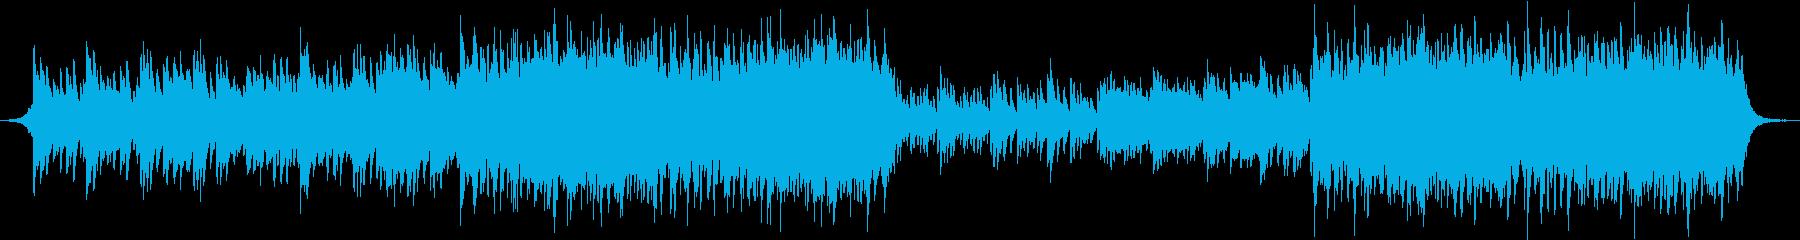 ピアノ・美しいメロディー・オーケストラの再生済みの波形